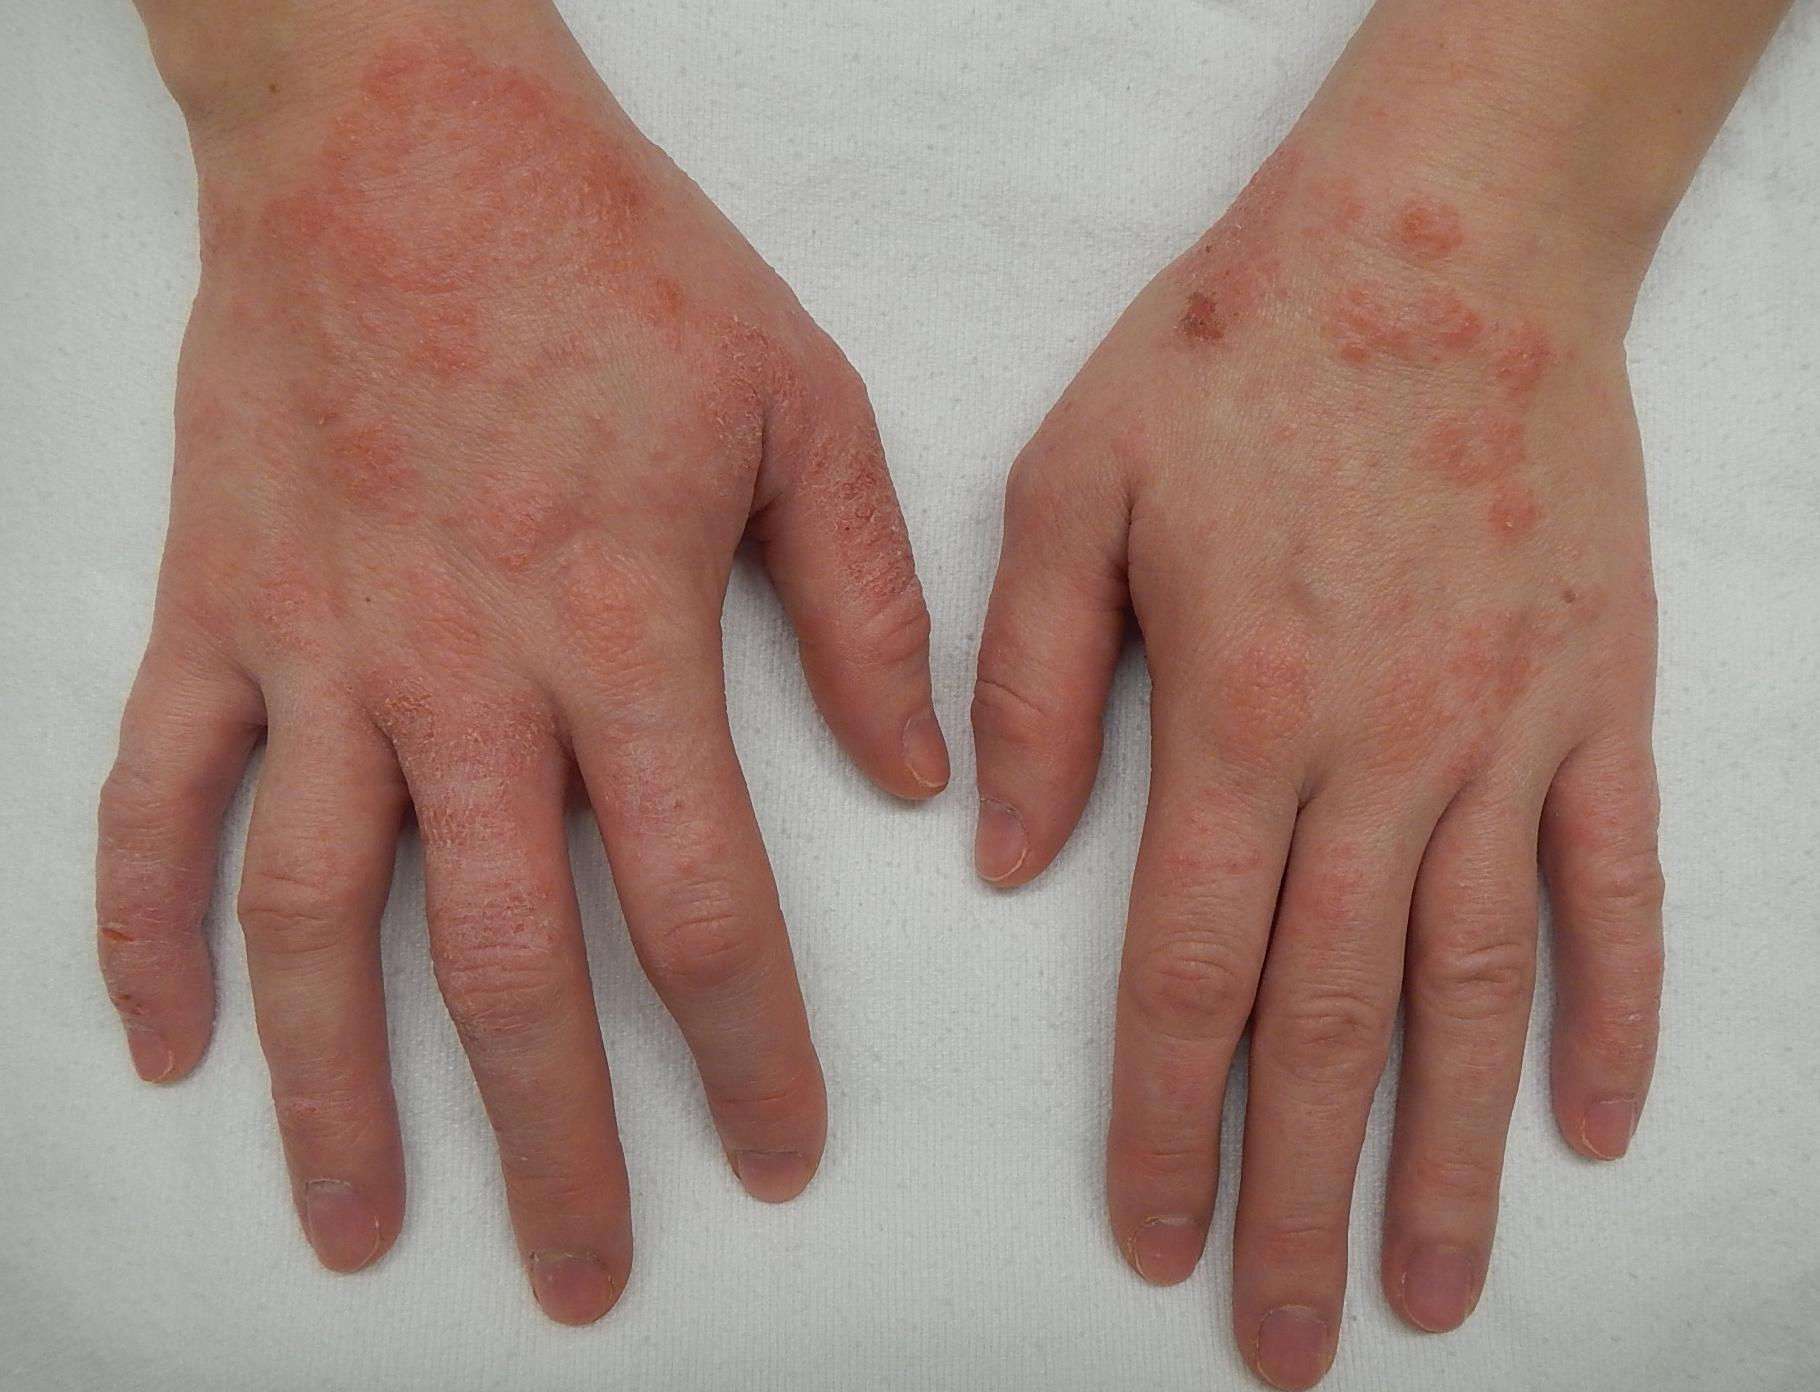 kezek viszketnek és vörös foltok jelennek meg pikkelysömör kezelése a lábakon otthon népi gyógymódokkal